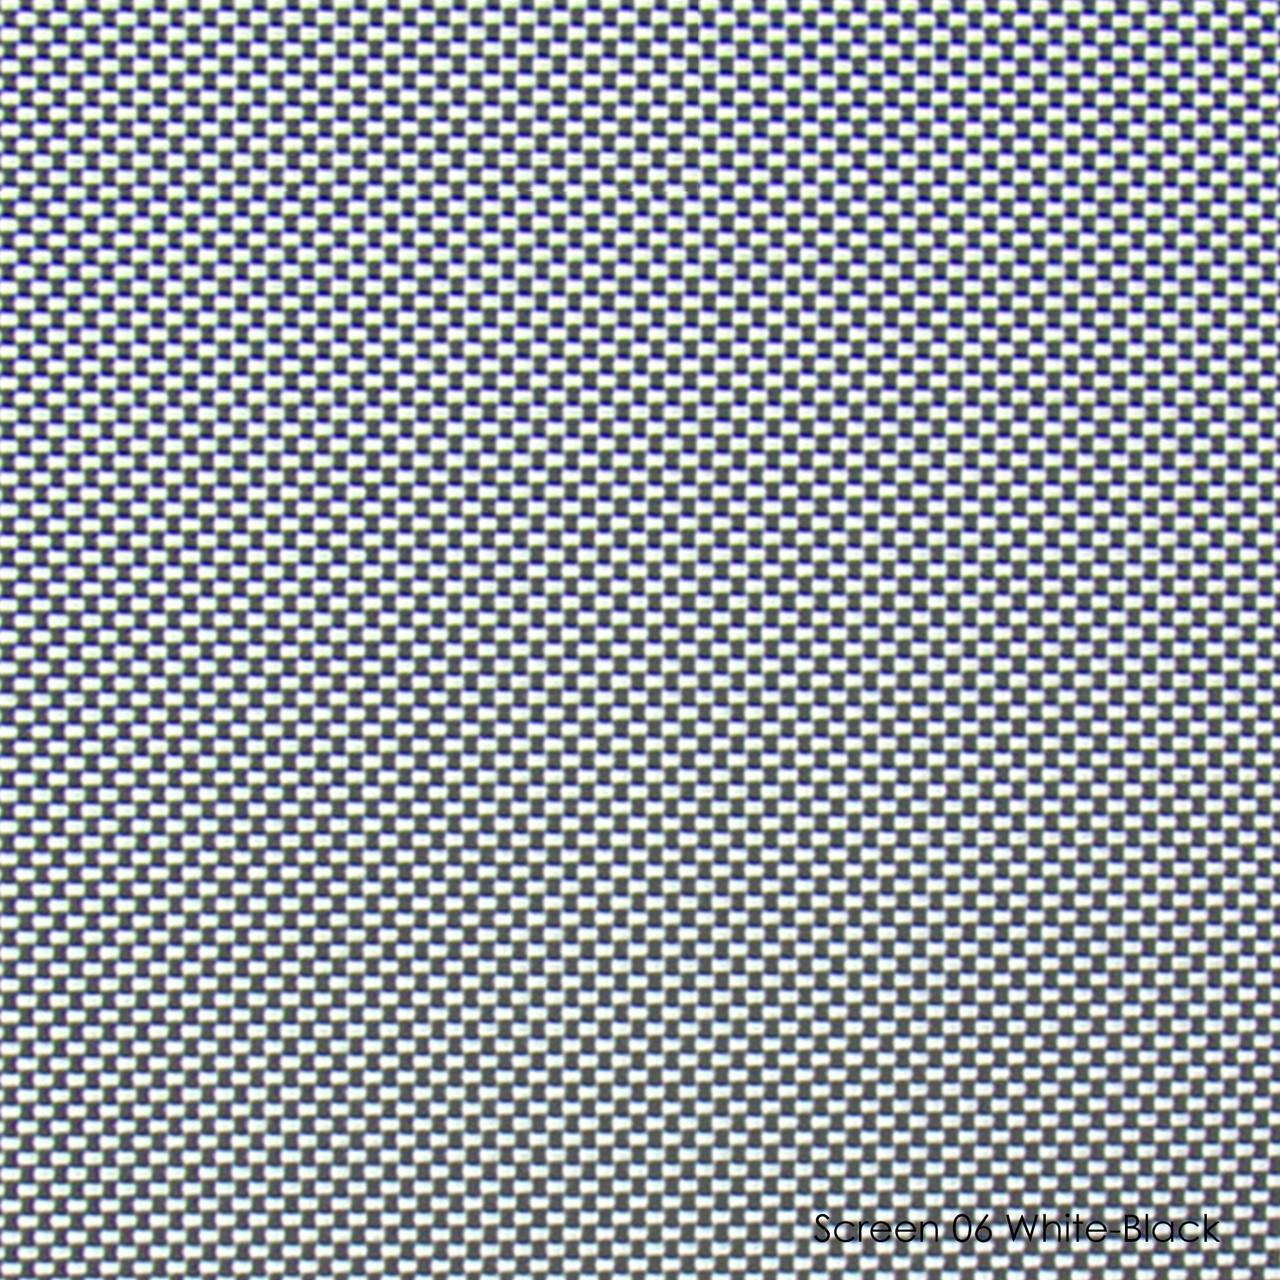 Тканевые роллеты Screen-06 white-black